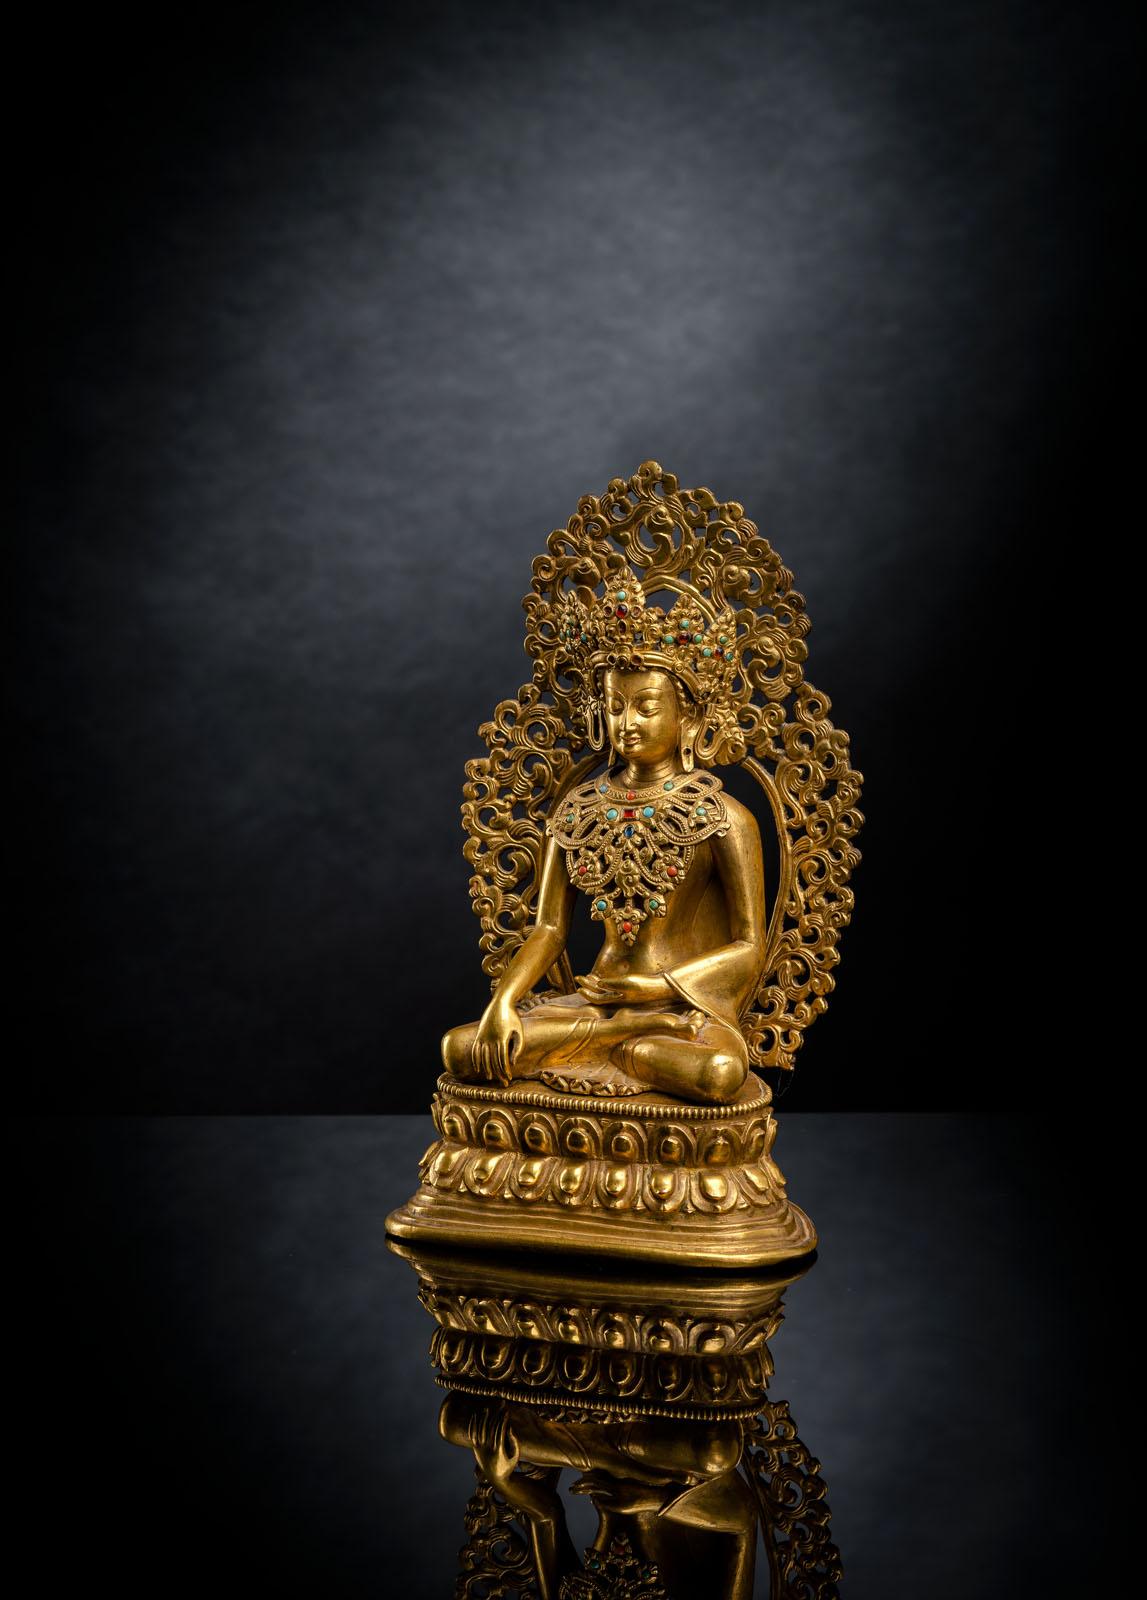 A FINE GILT-BRONZE FIGURE OF BUDDHA SHAKYAMUNI - Image 2 of 4